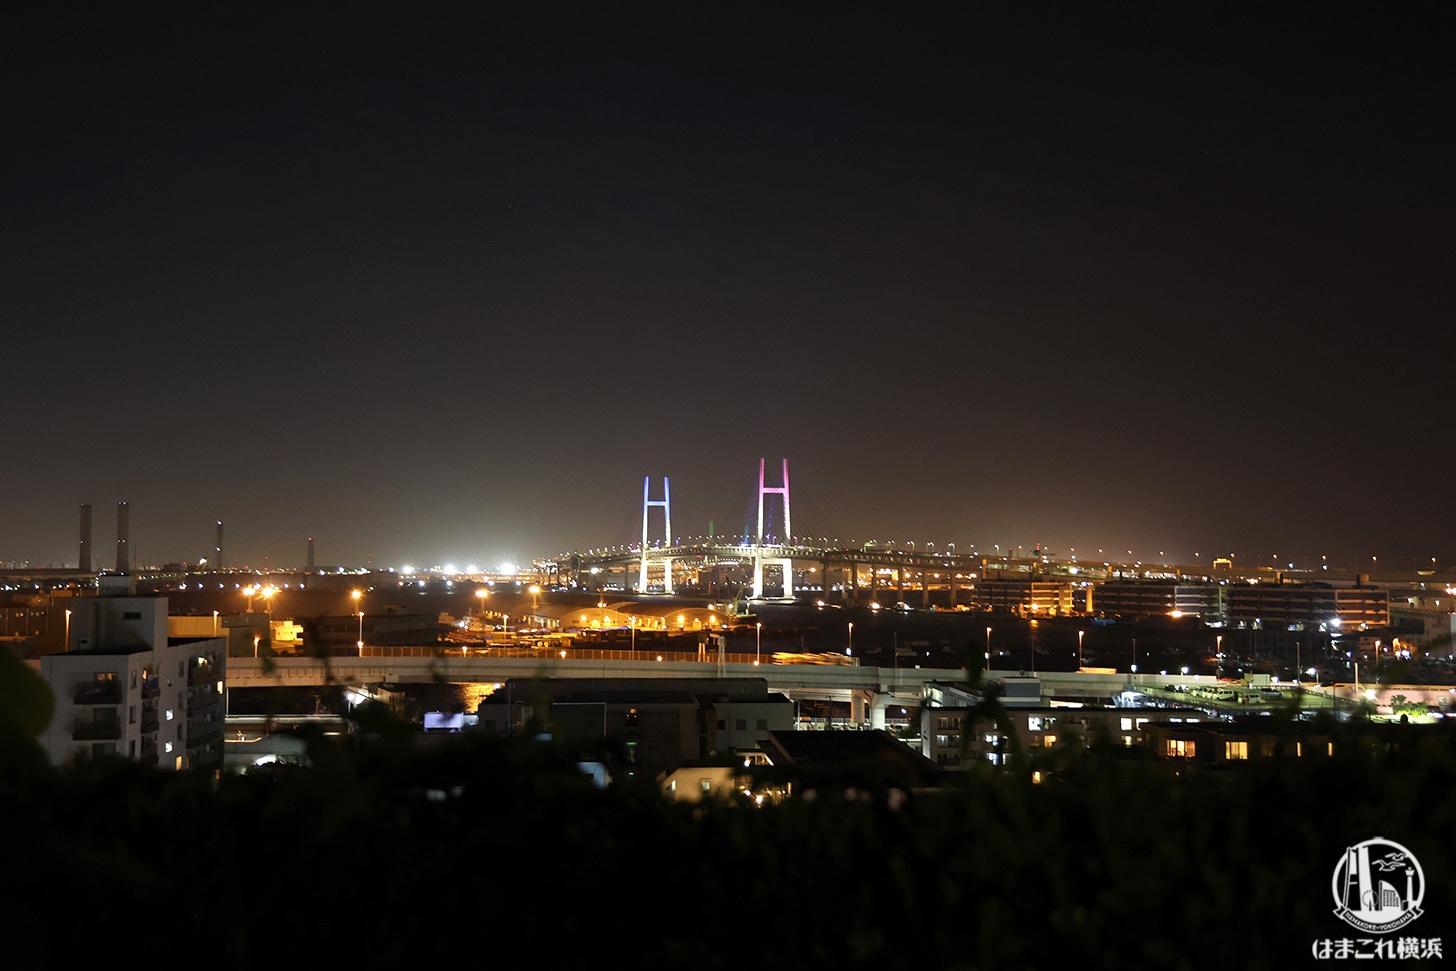 横浜ベイブリッジの特別演出